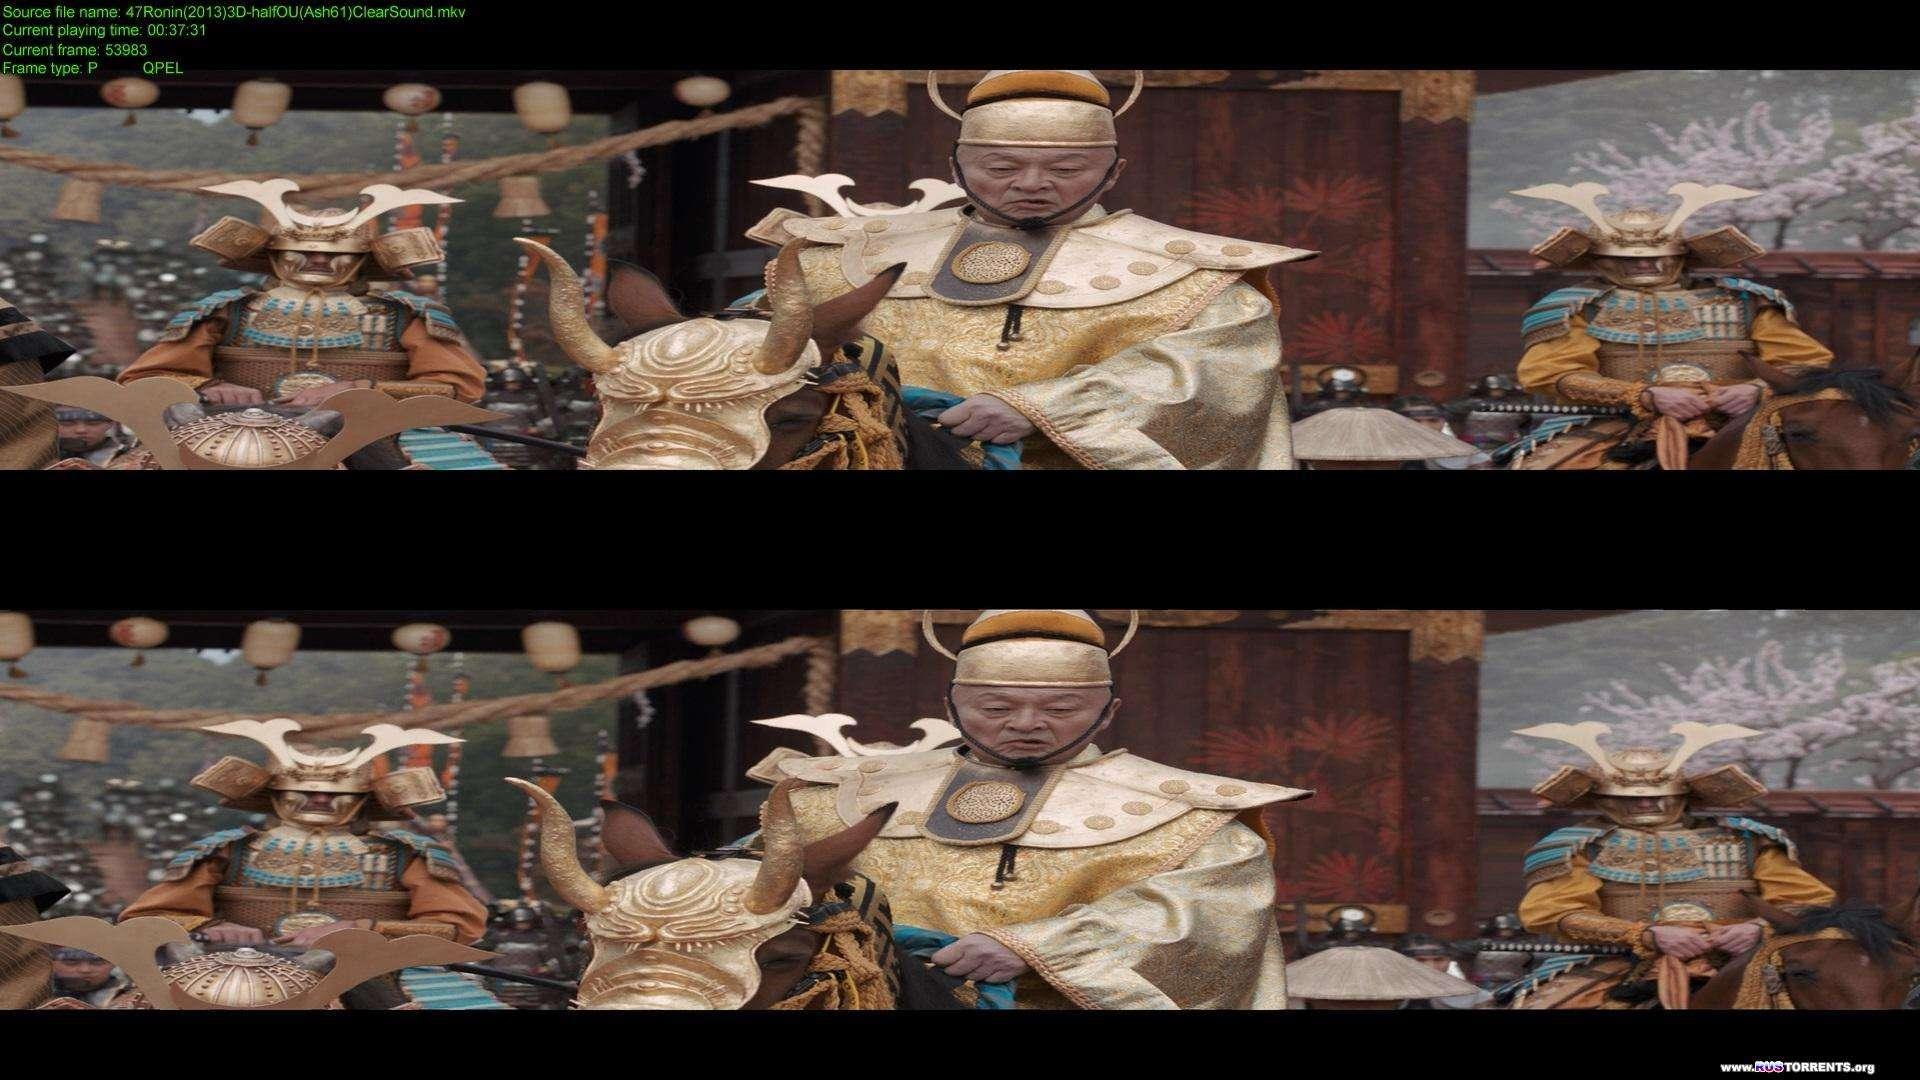 47 ронинов | BDRip 1080p | 3D-Video | halfOU | Лицензия